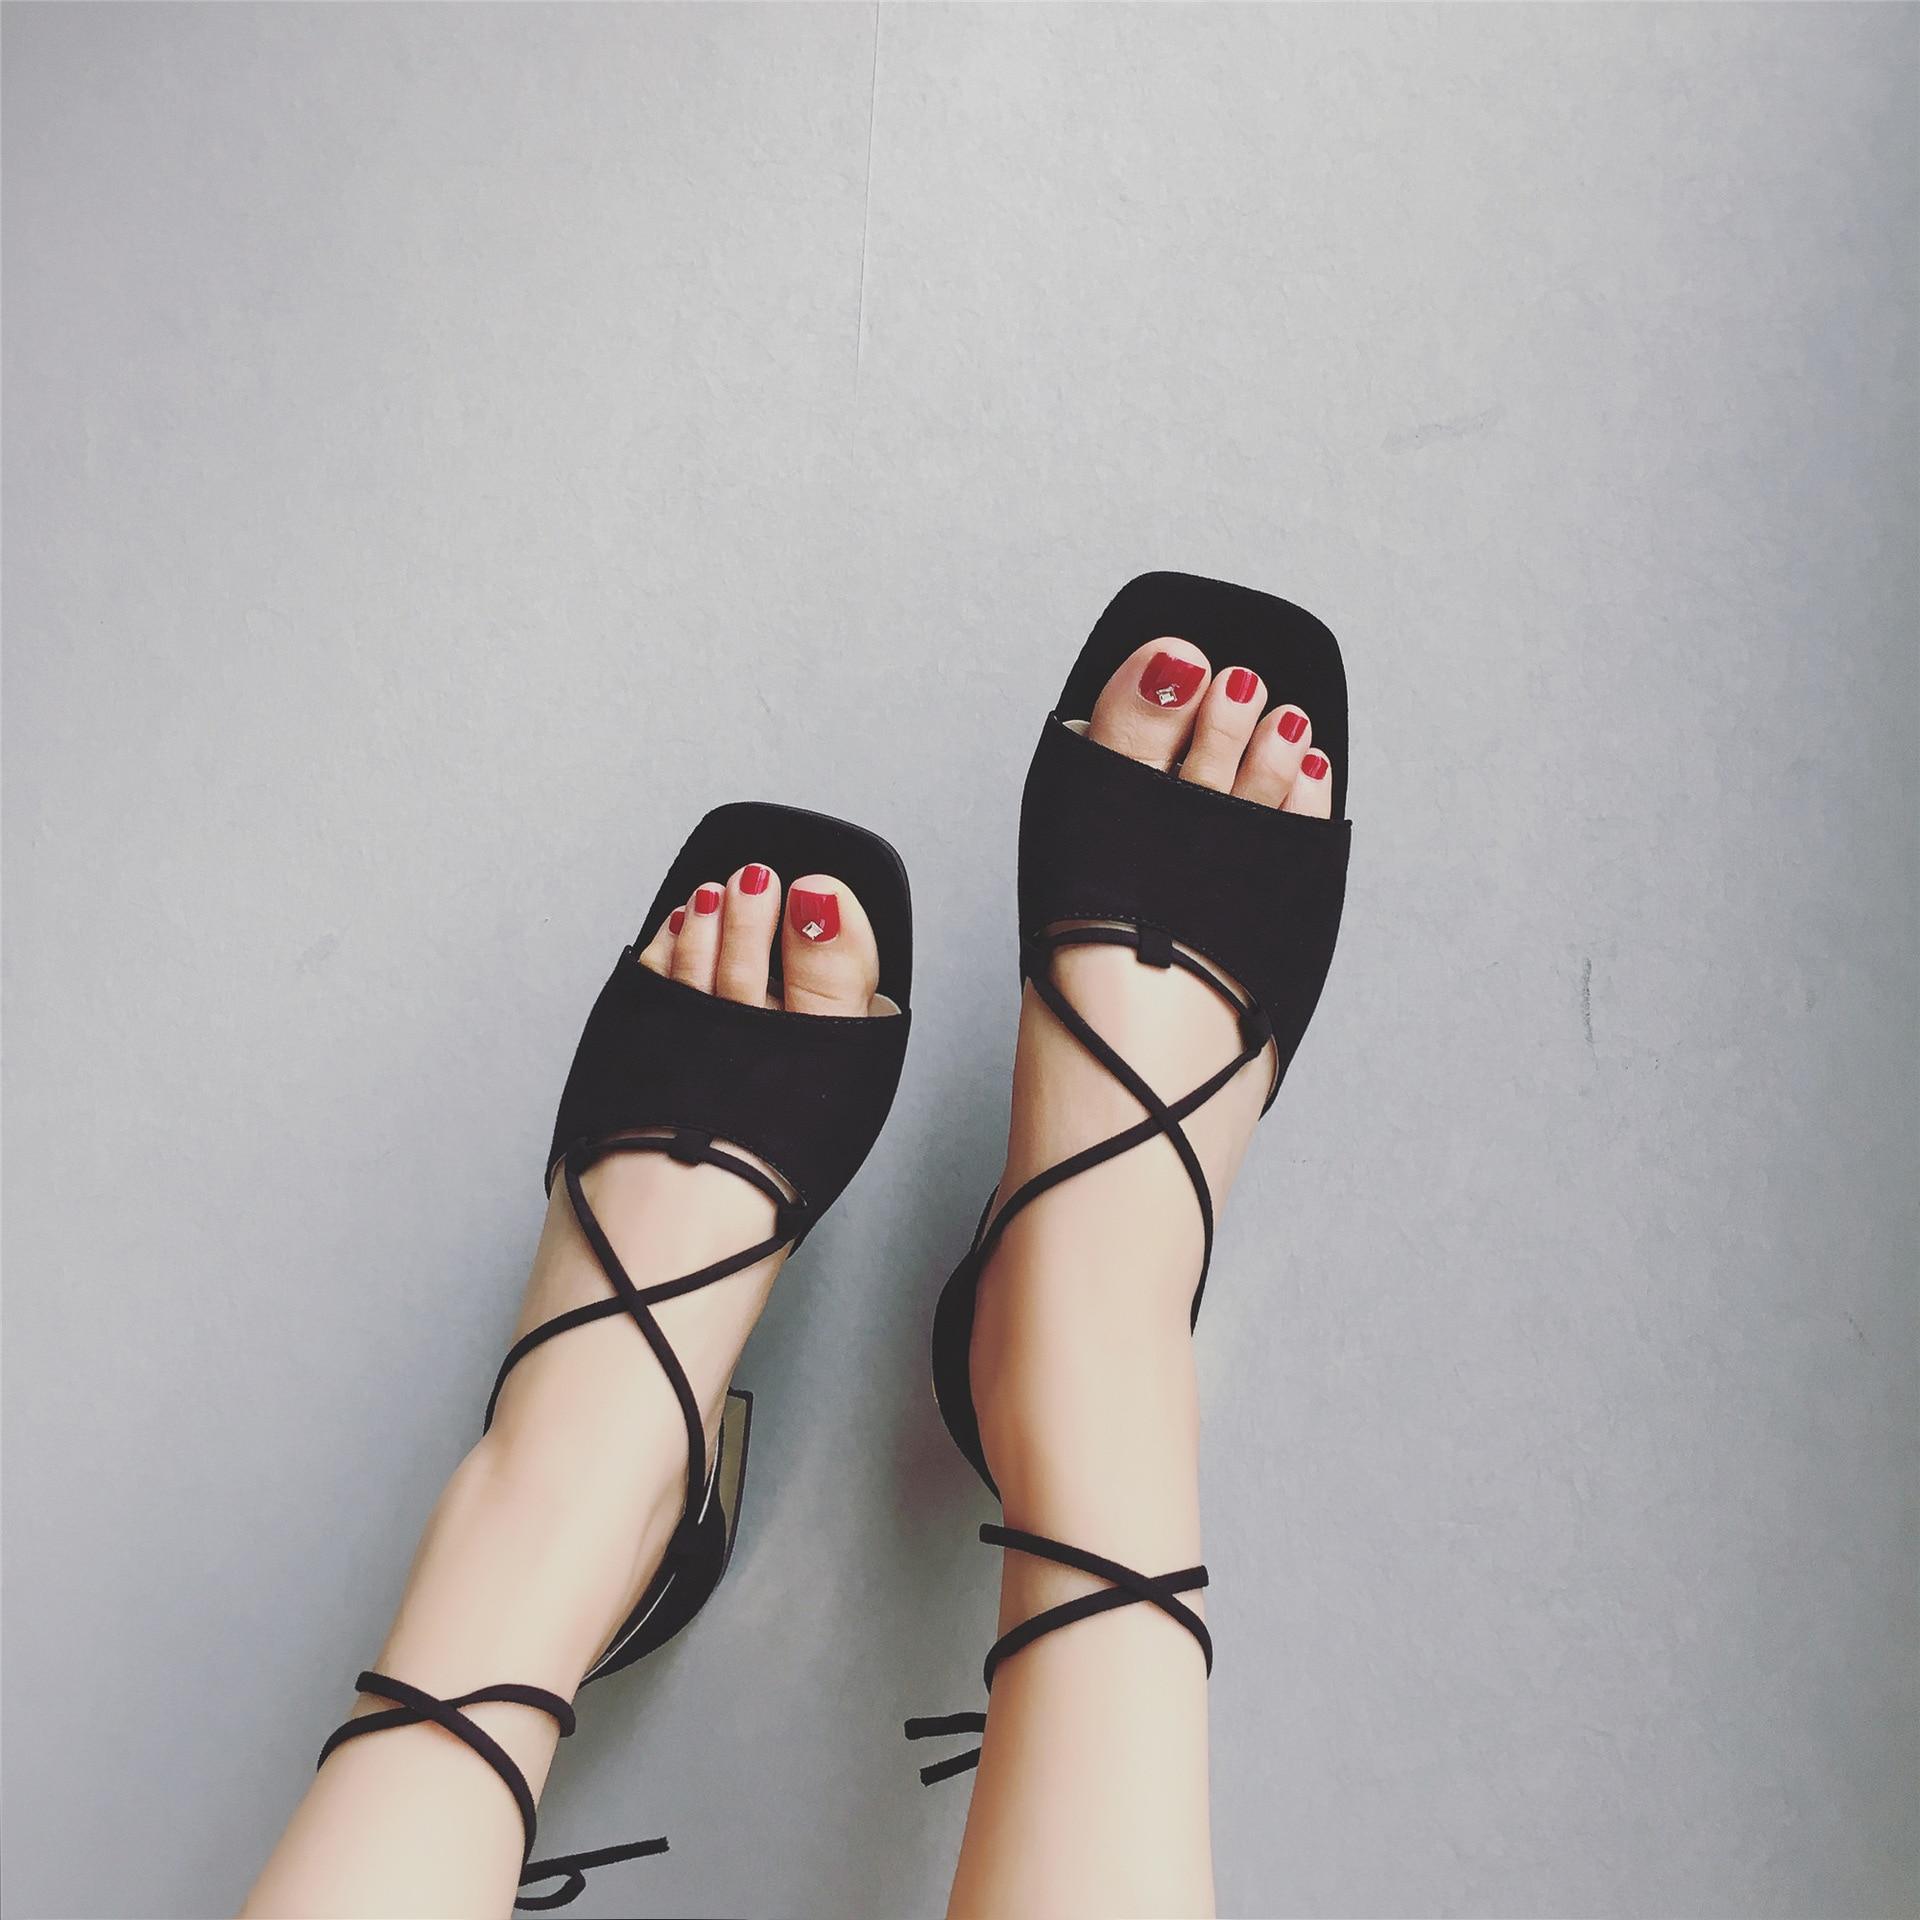 Mujer Sandalia Zapatos Negro Open Tobillo La Grueso Bajos Moda Mujeres Toe Gladiador Femeninas caqui Correa 2017 Tacones Inferior Verano Sandalias De FPqTI6wU